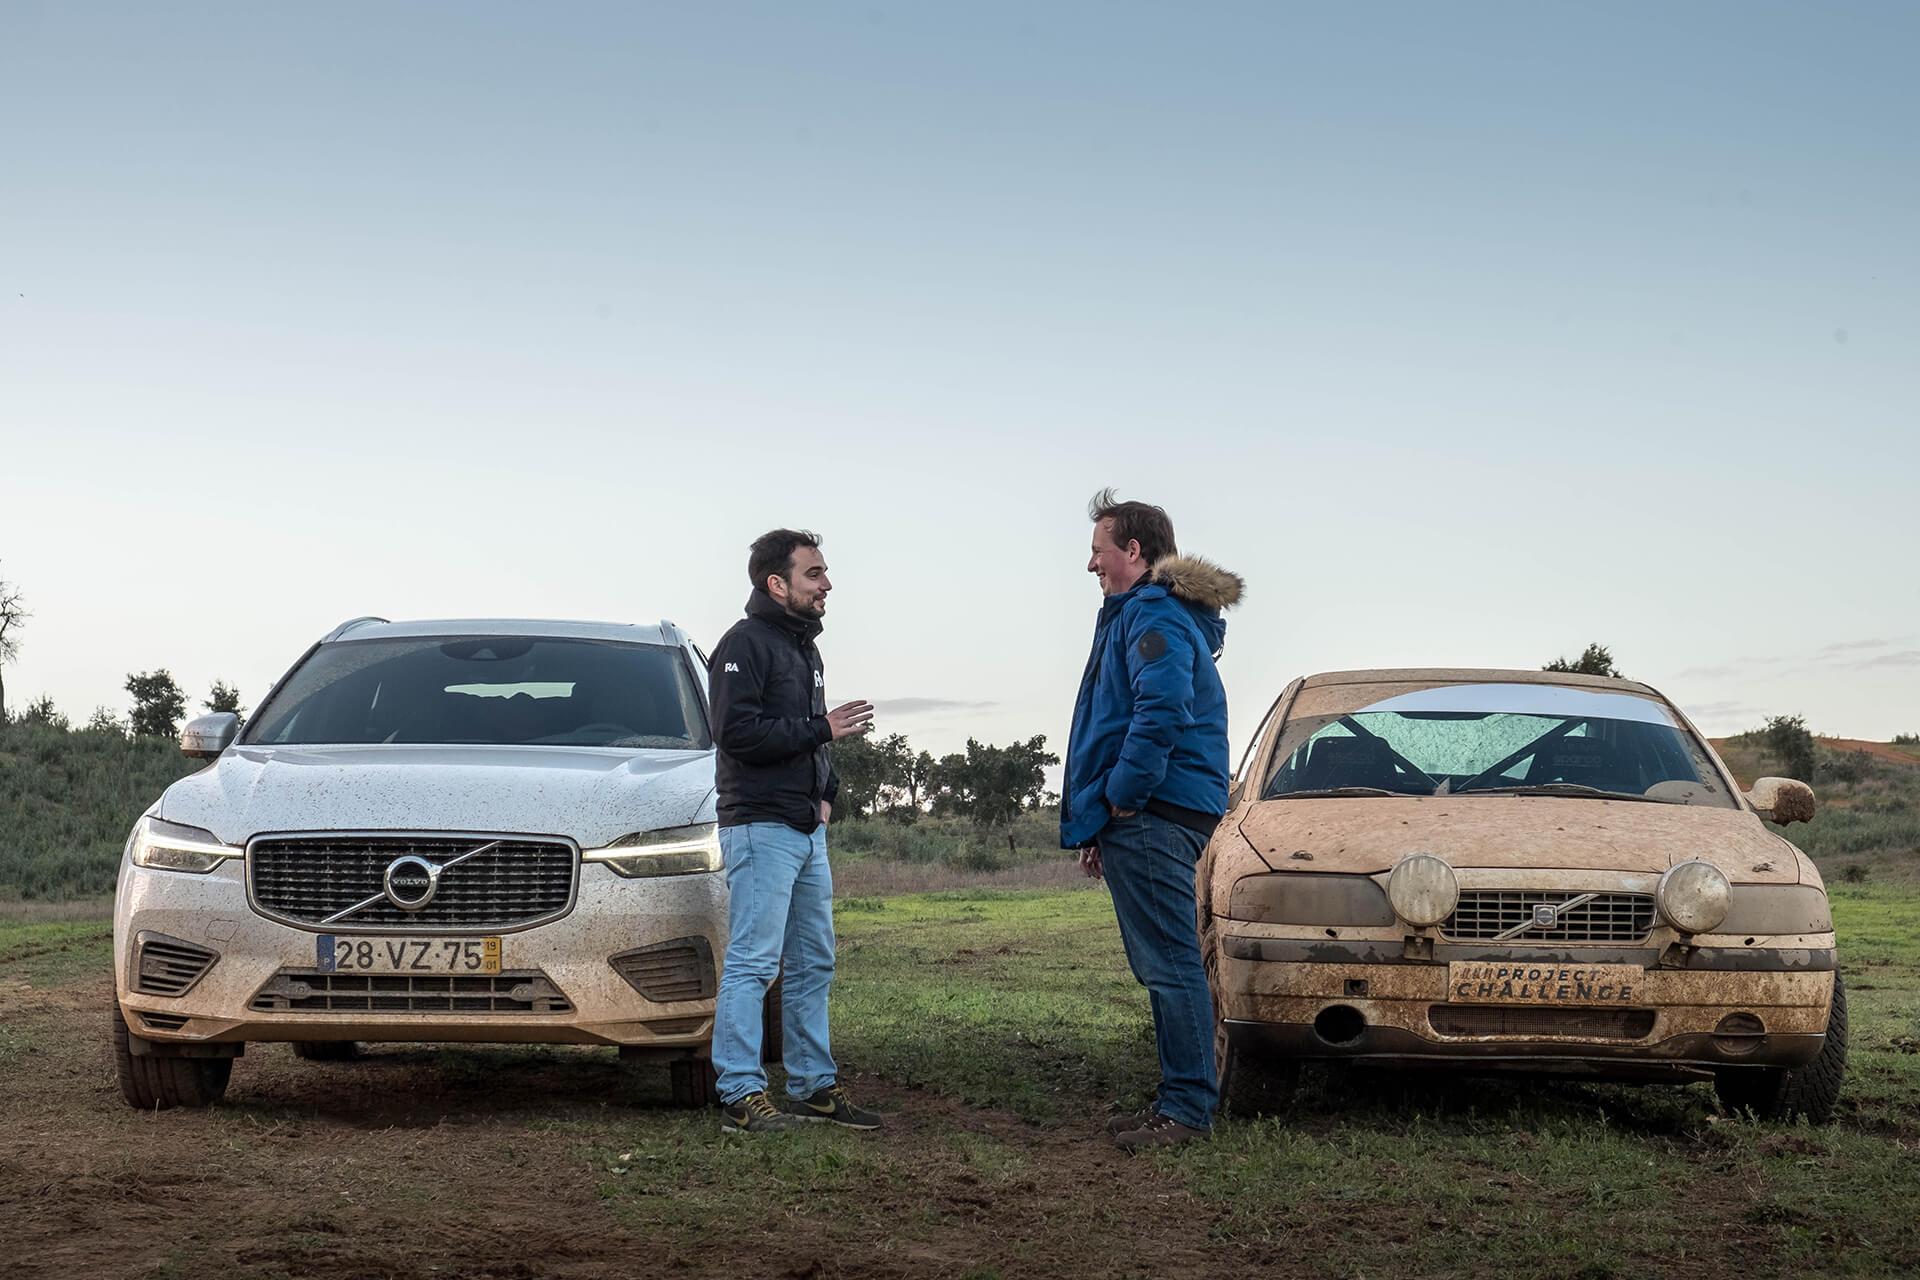 Volvo XC60 e Guilherme Costa com Volvo S60 recce e Manuel Ramoa